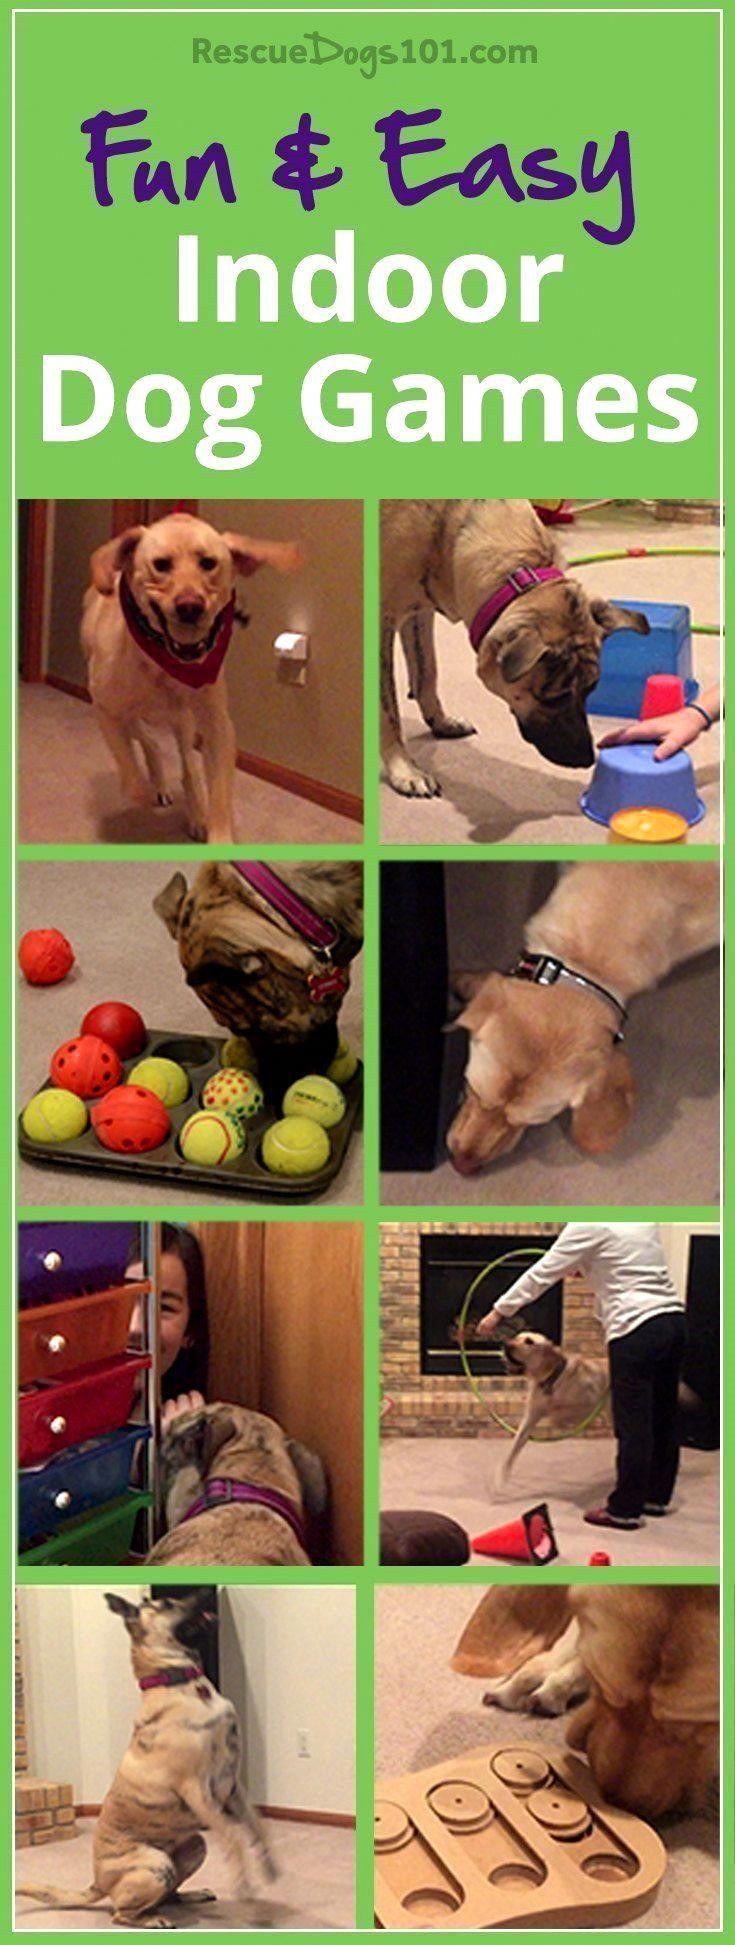 Dog Obedience Training Central Nj Doglovers Dogcommandstraining Dogobidience Dogtrainingideas Dog Games Dog Training Obedience Indoor Dog